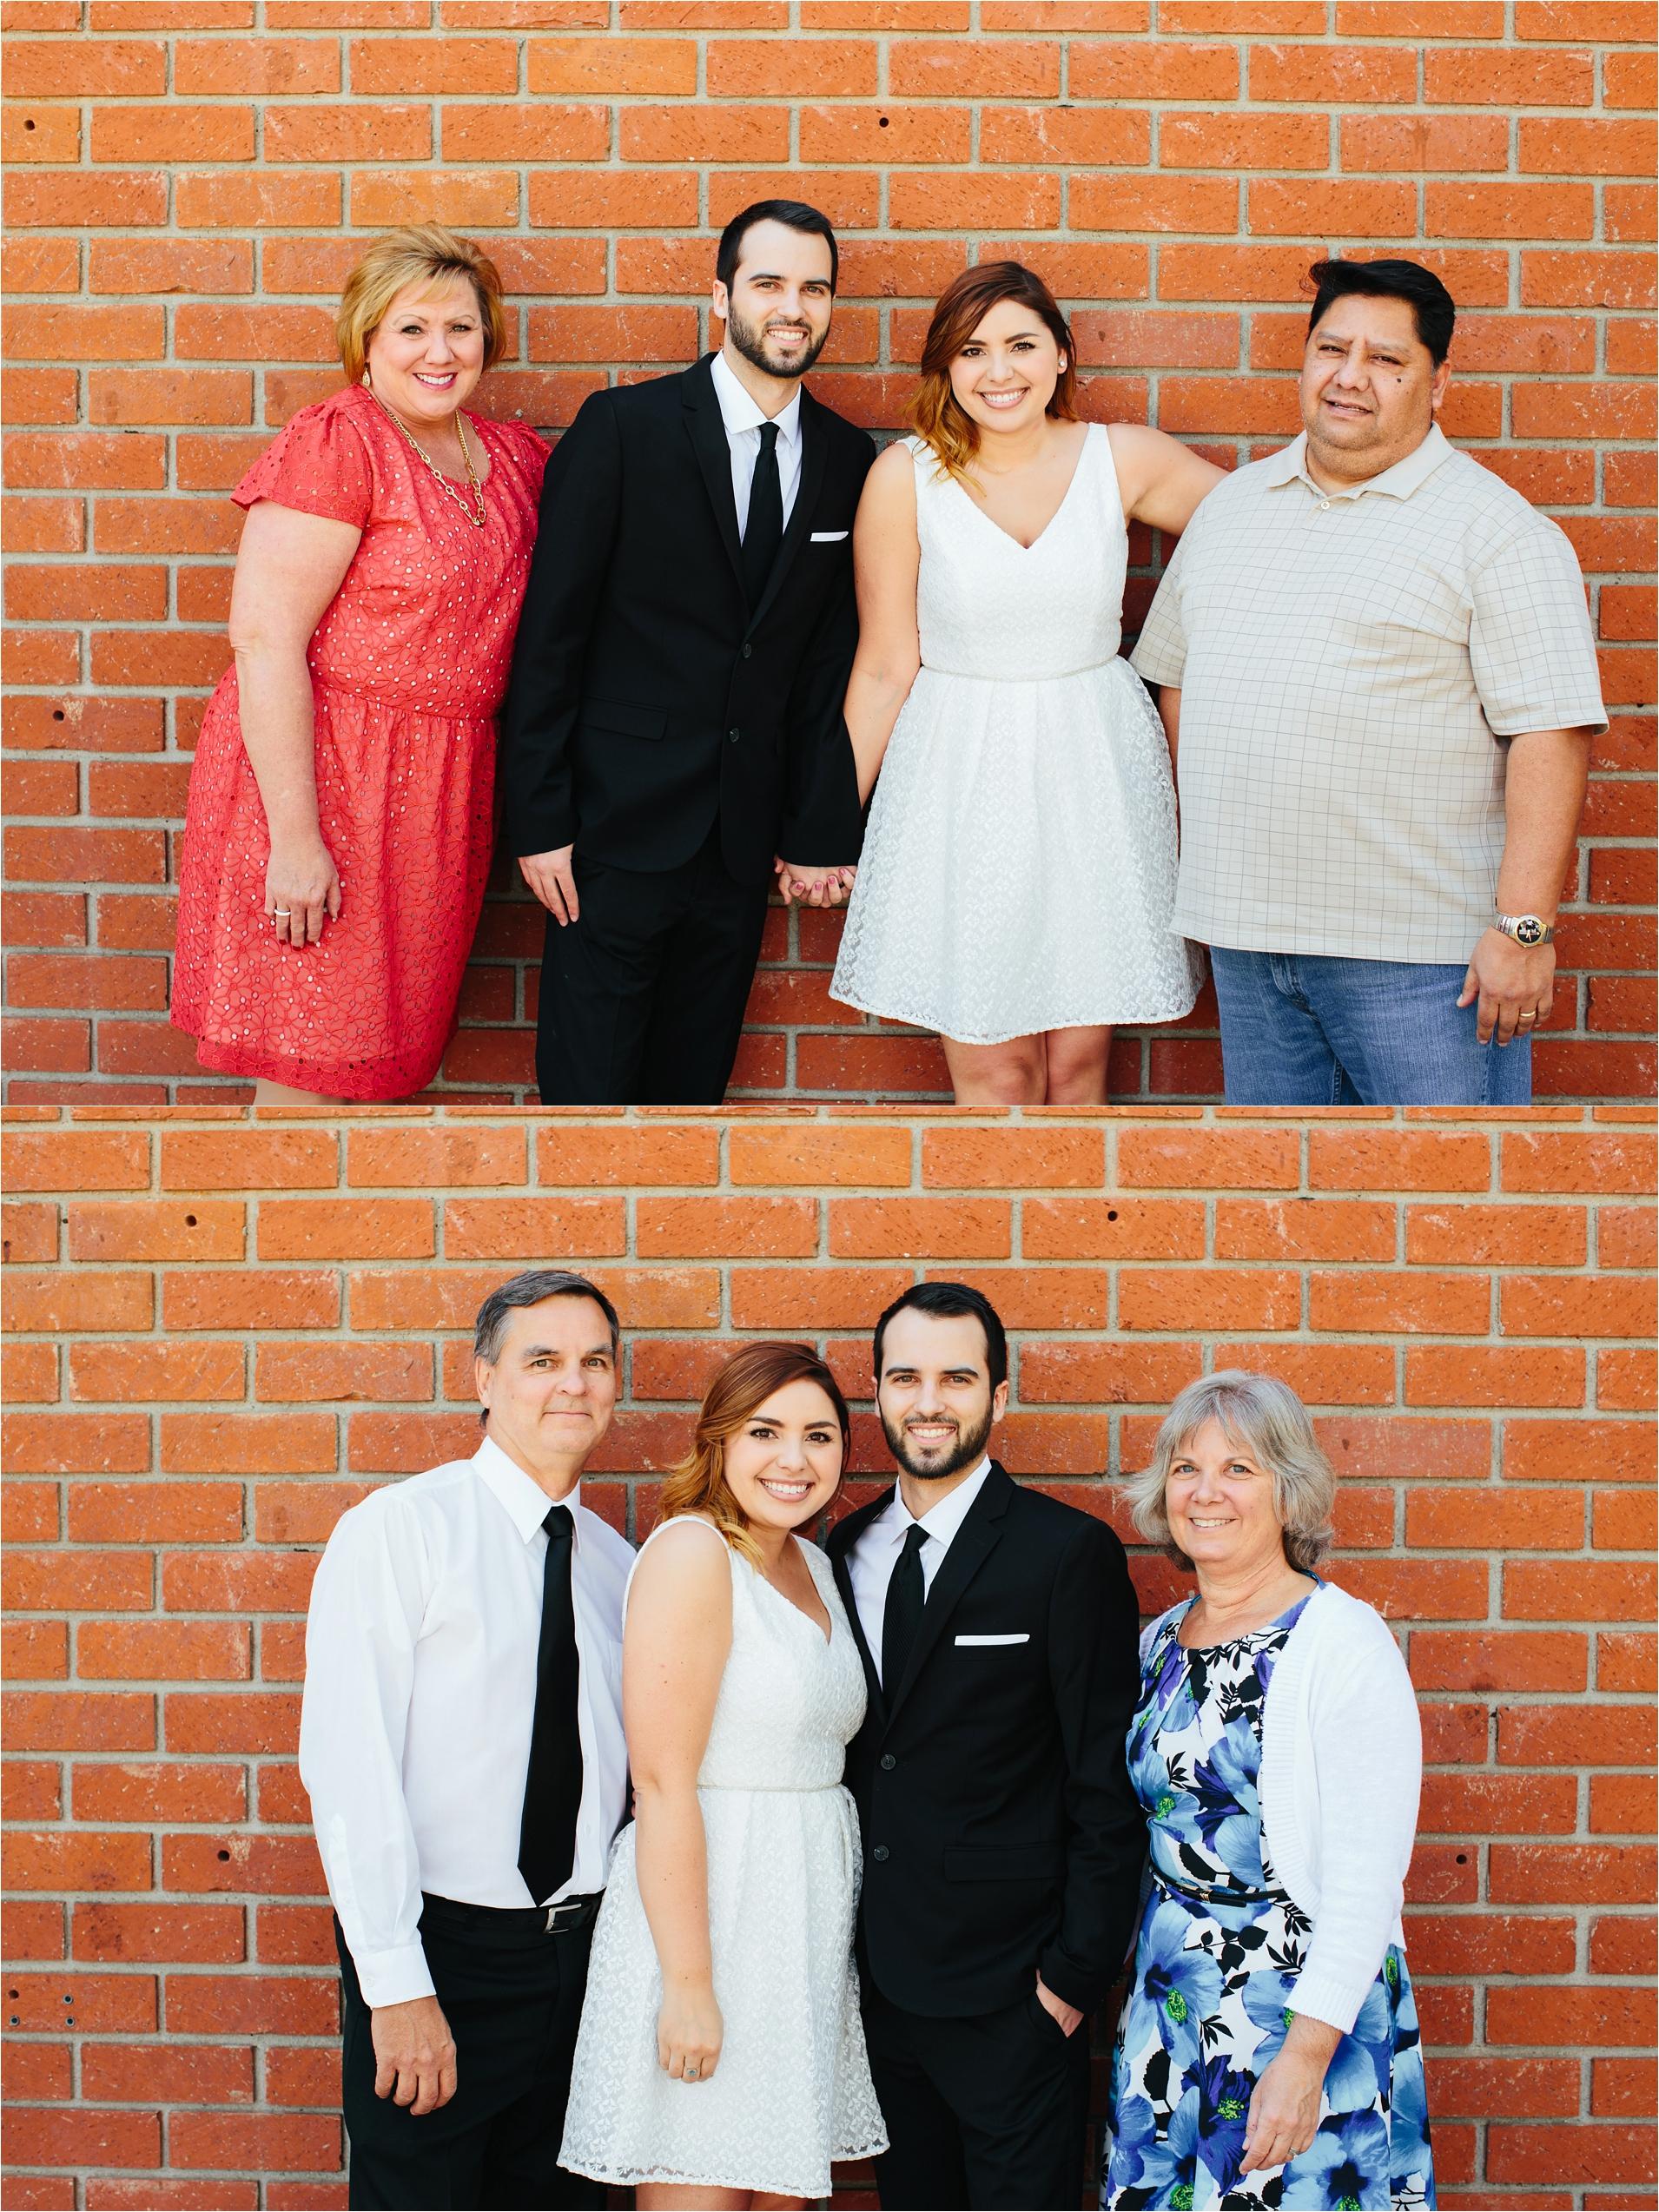 Civil Ceremony Wedding in Orange County